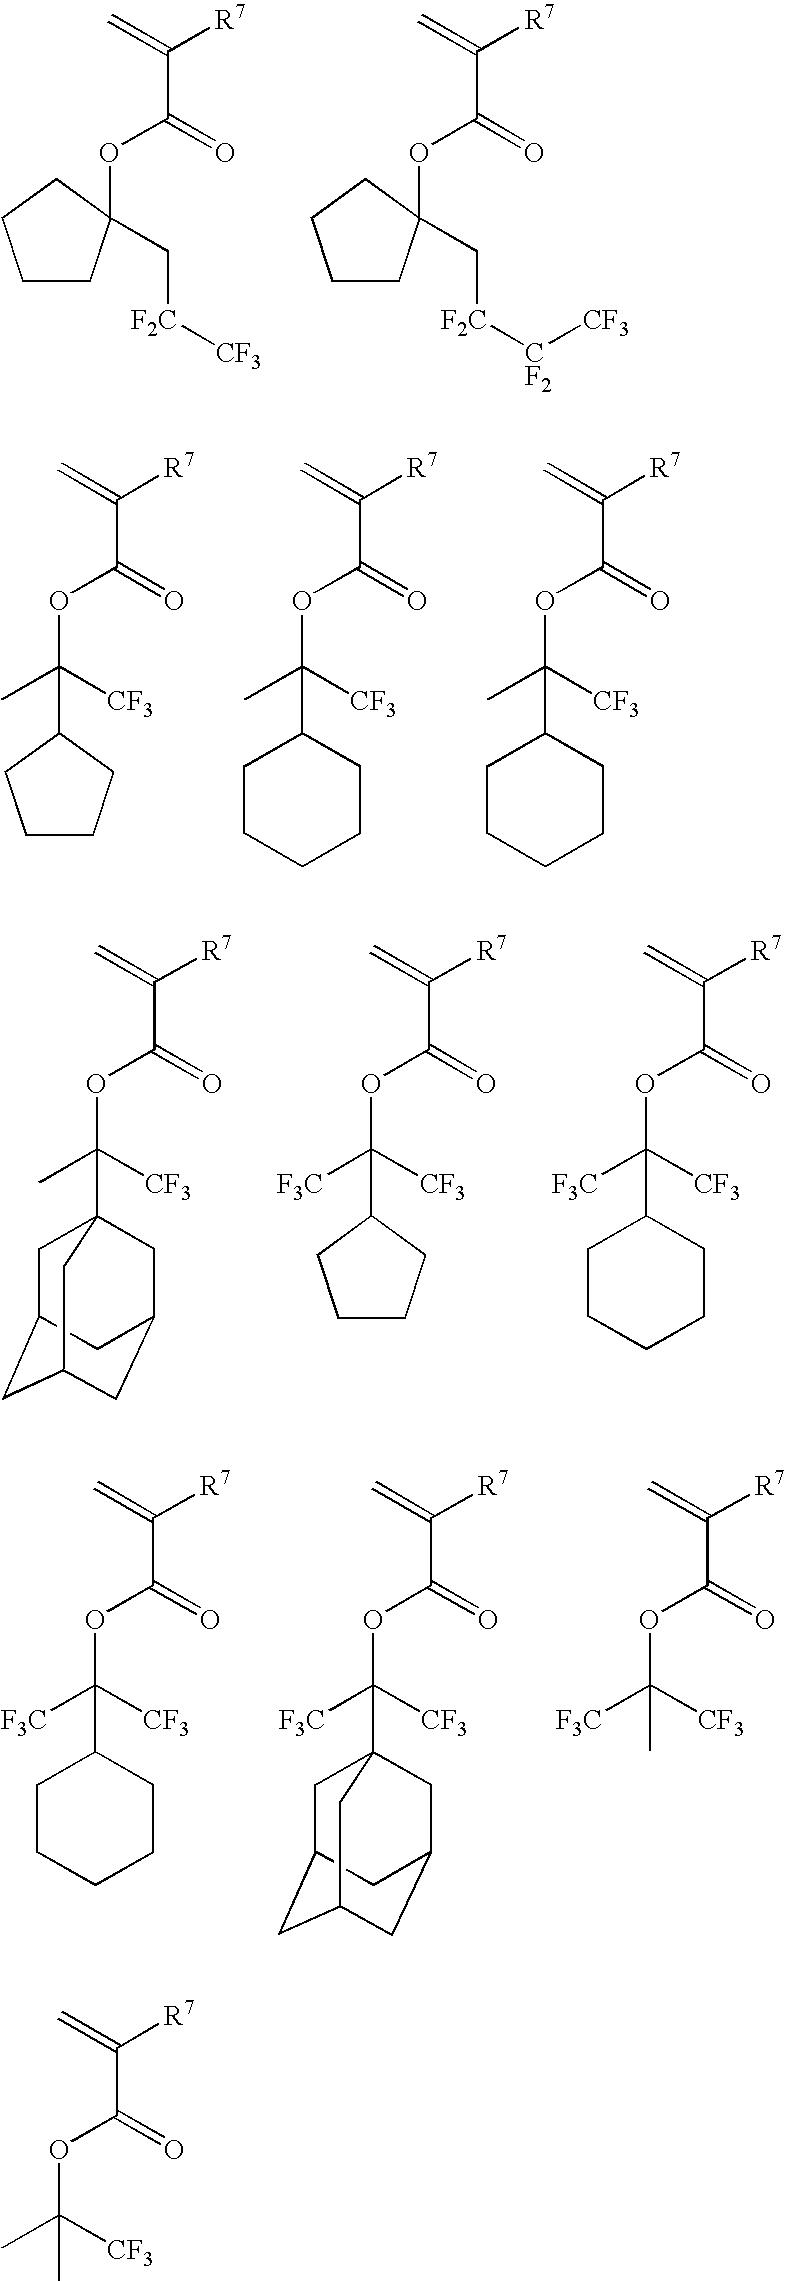 Figure US20090011365A1-20090108-C00019